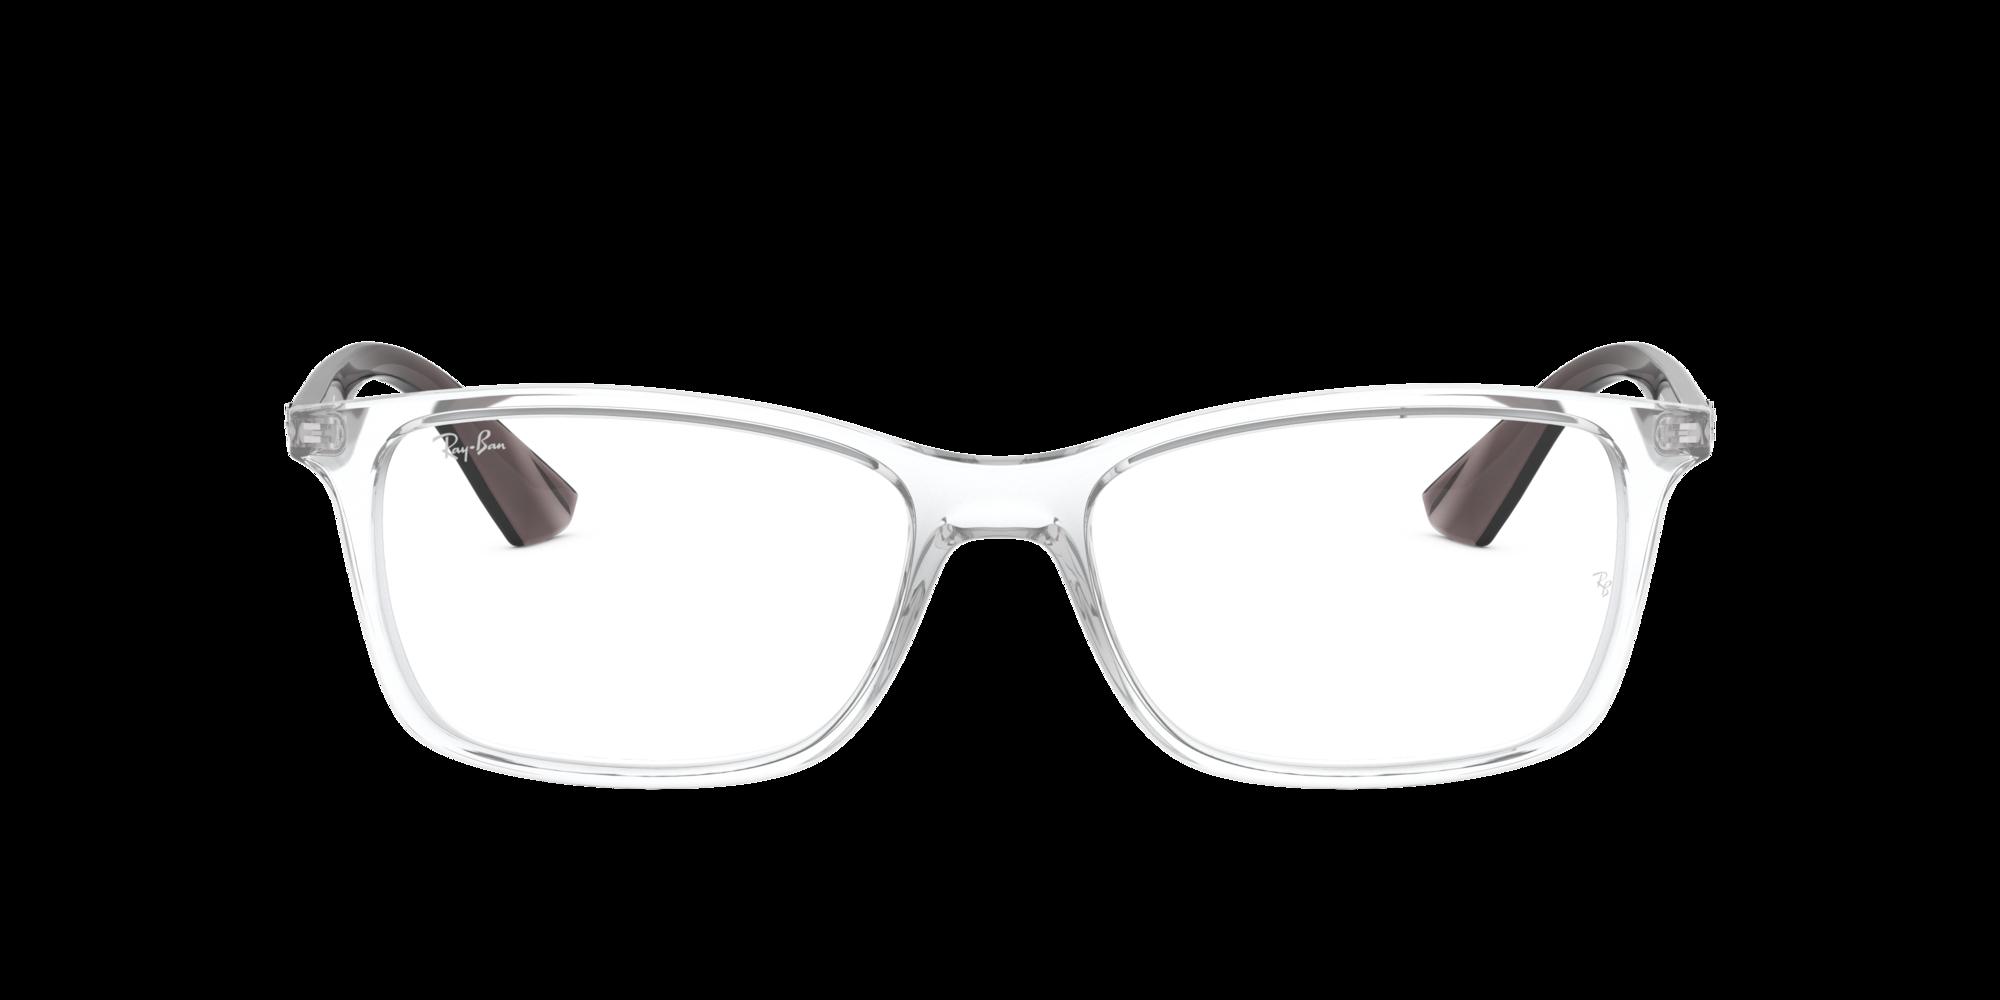 Imagen para RX7047 de LensCrafters |  Espejuelos, espejuelos graduados en línea, gafas